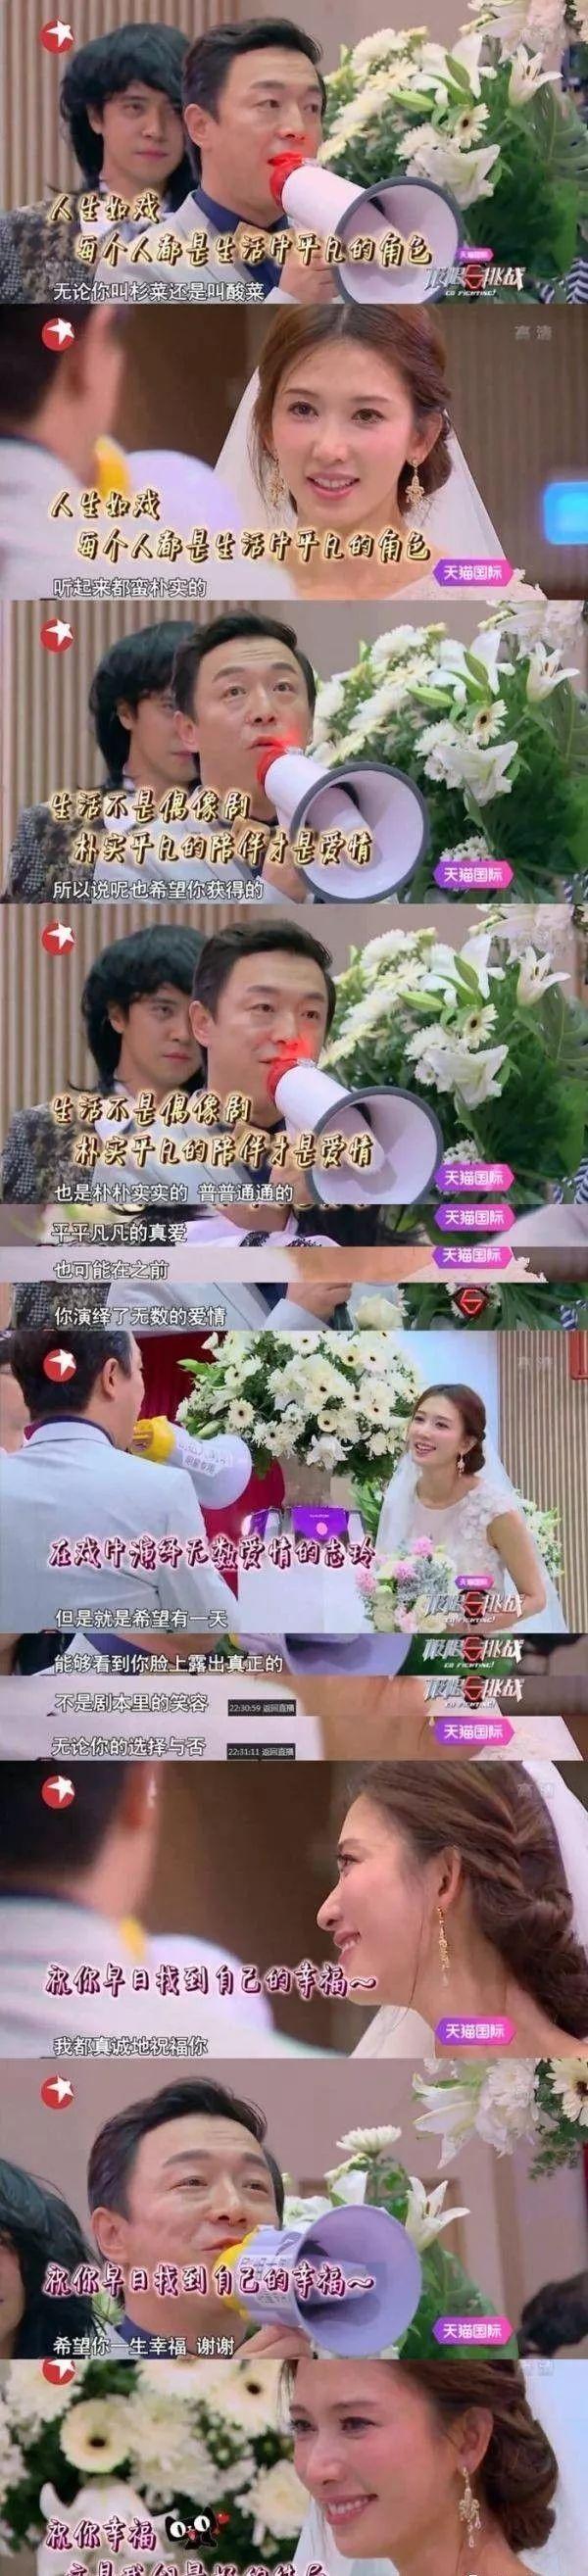 黄渤道歉火了:当智商和情商都高时,颜值就是个赠品-北京赛车信誉群